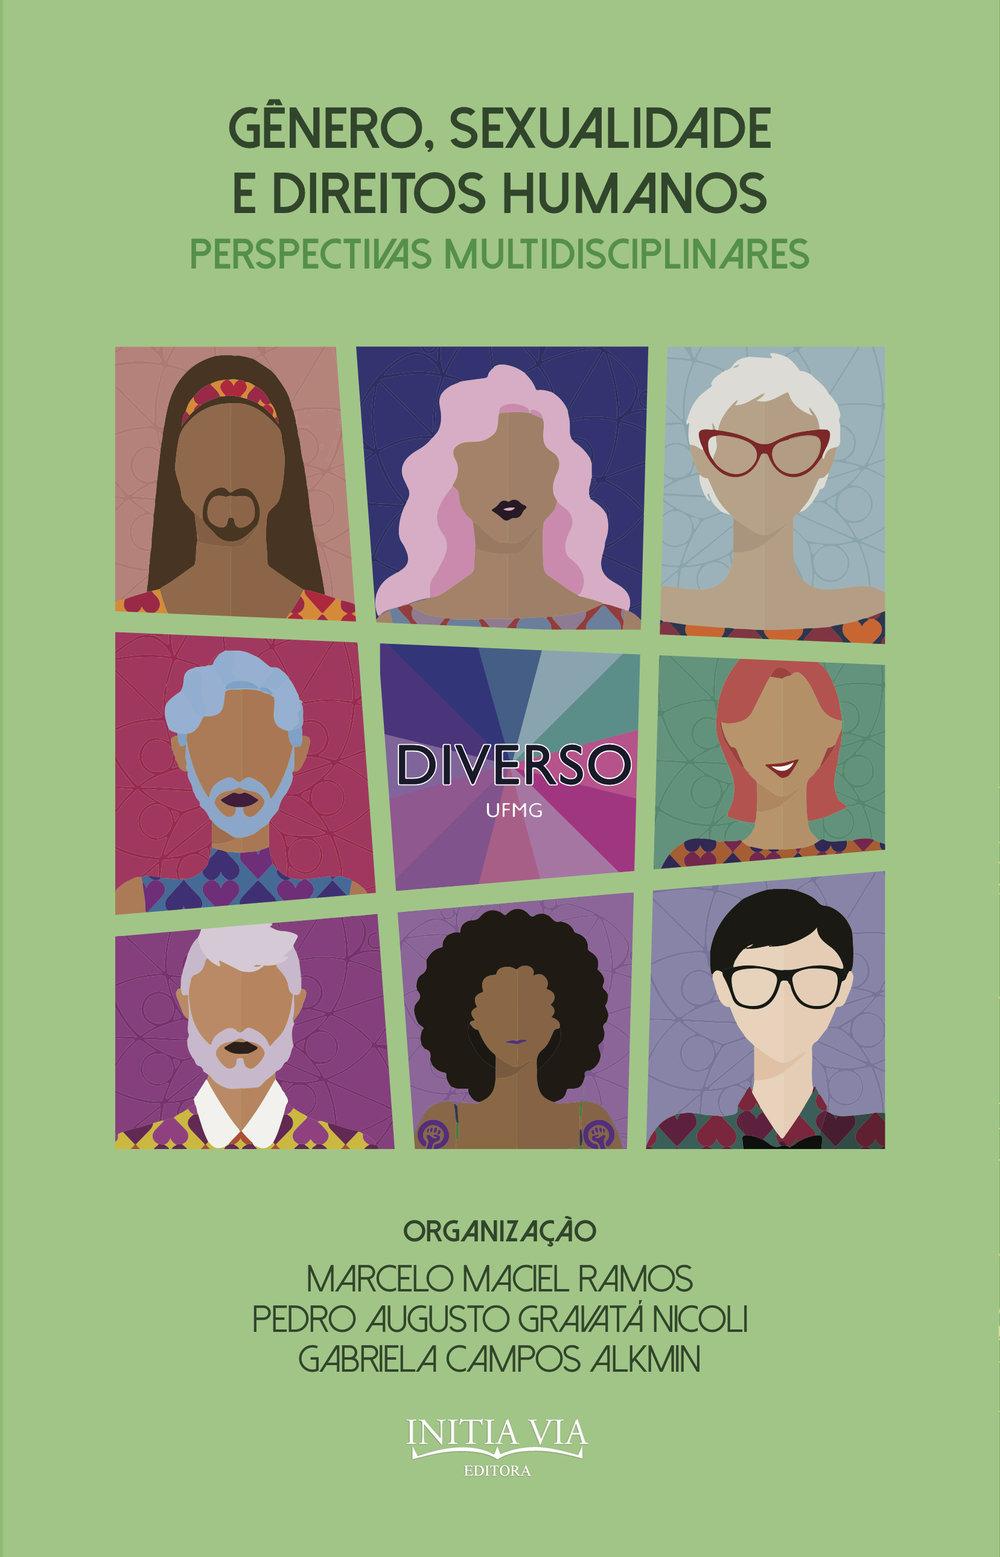 Gênero, sexualidade e direitos humanos